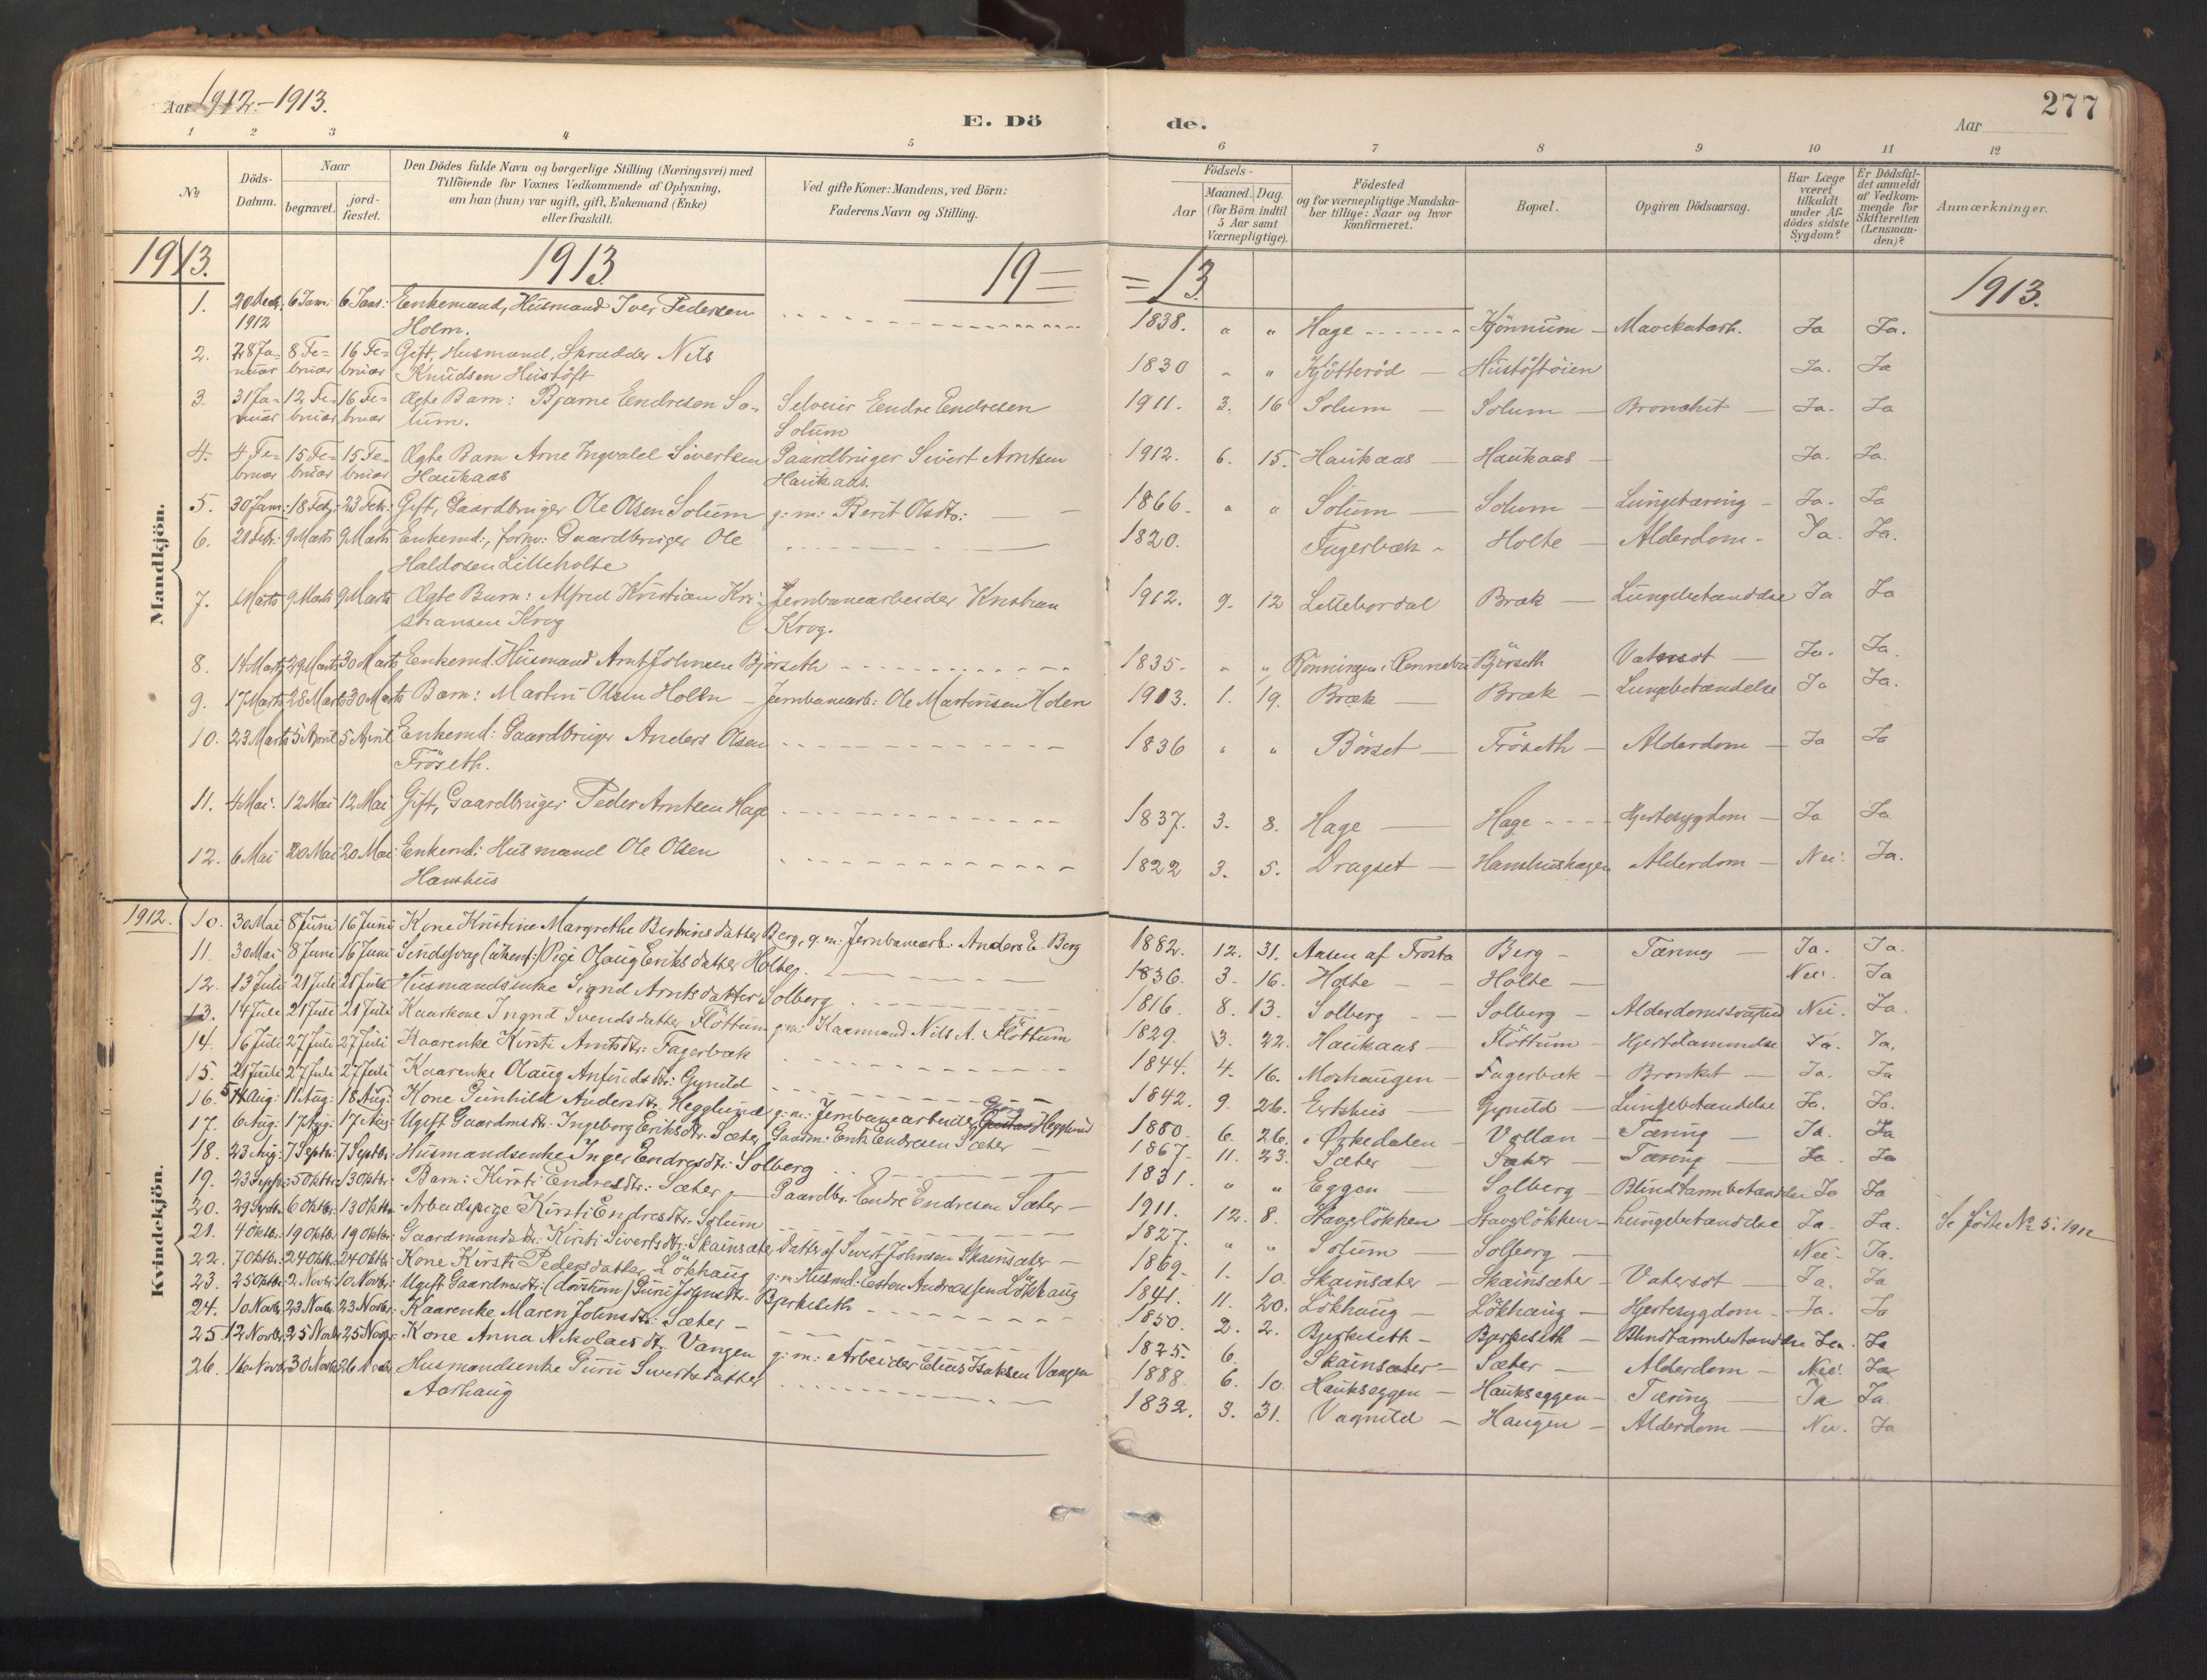 SAT, Ministerialprotokoller, klokkerbøker og fødselsregistre - Sør-Trøndelag, 689/L1041: Ministerialbok nr. 689A06, 1891-1923, s. 277